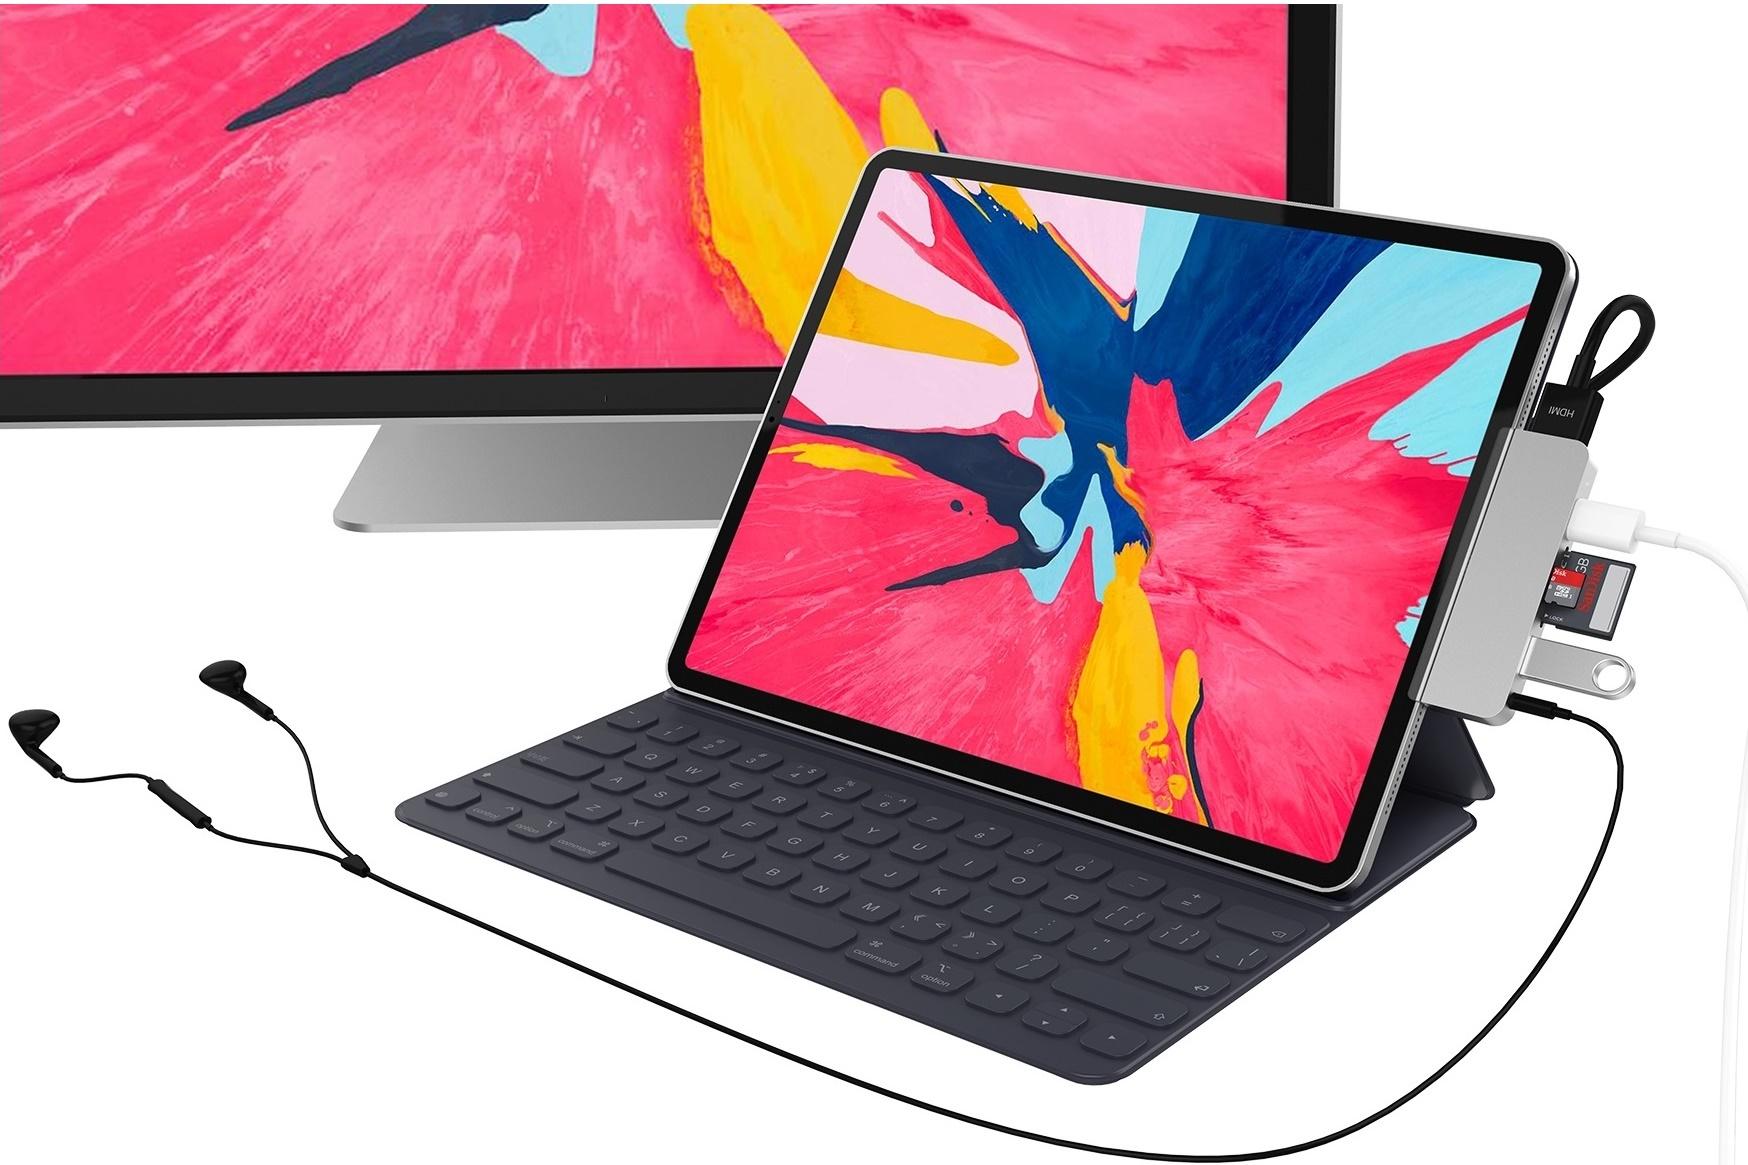 Imagem de Basicamente um notebook: começam a surgir hubs USB-C para o novo iPad Pro no tecmundo